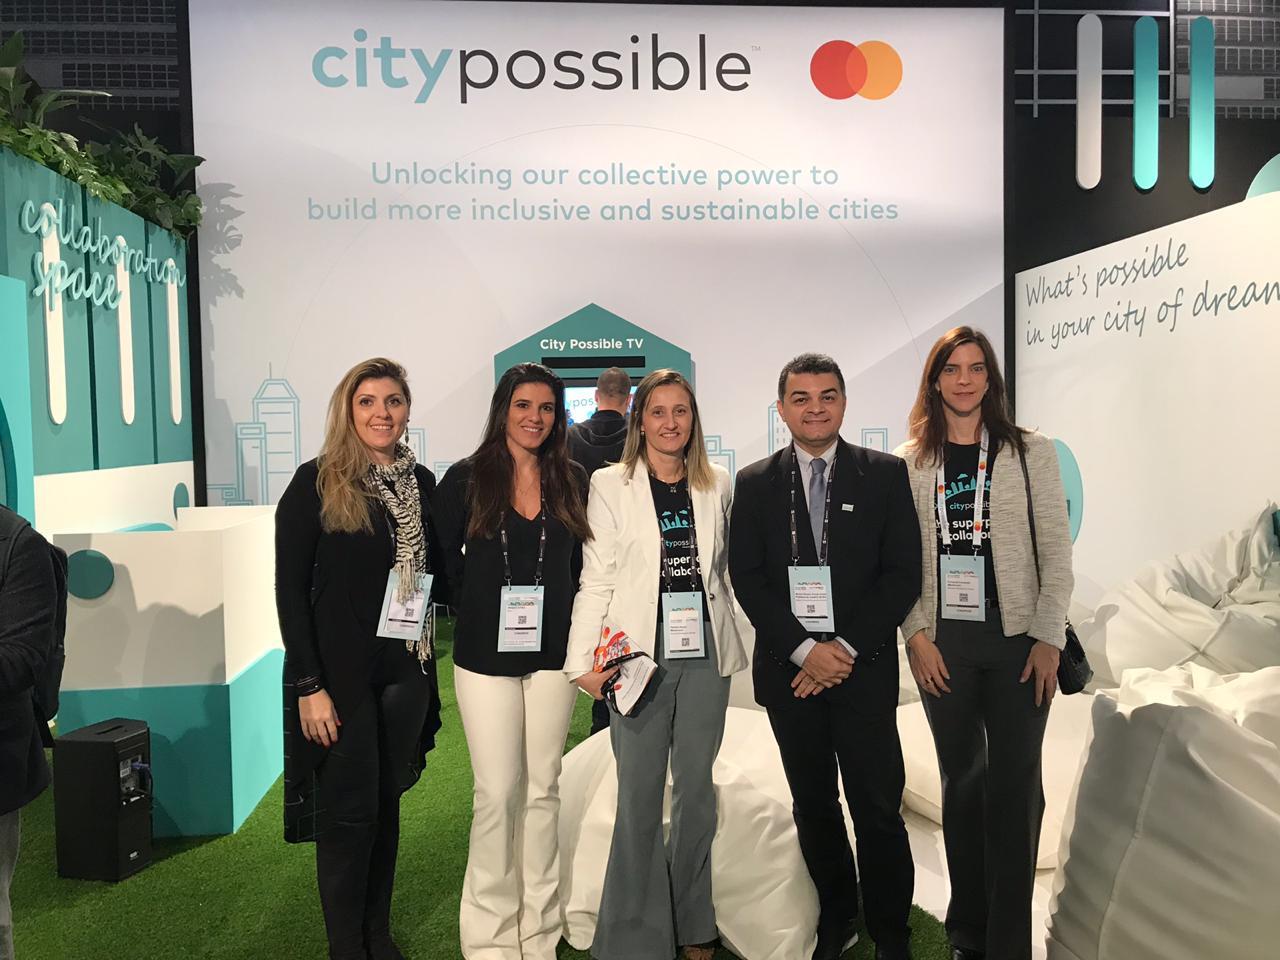 Juazeiro do Norte ganha espaço em evento mundial de Smart City, na Espanha